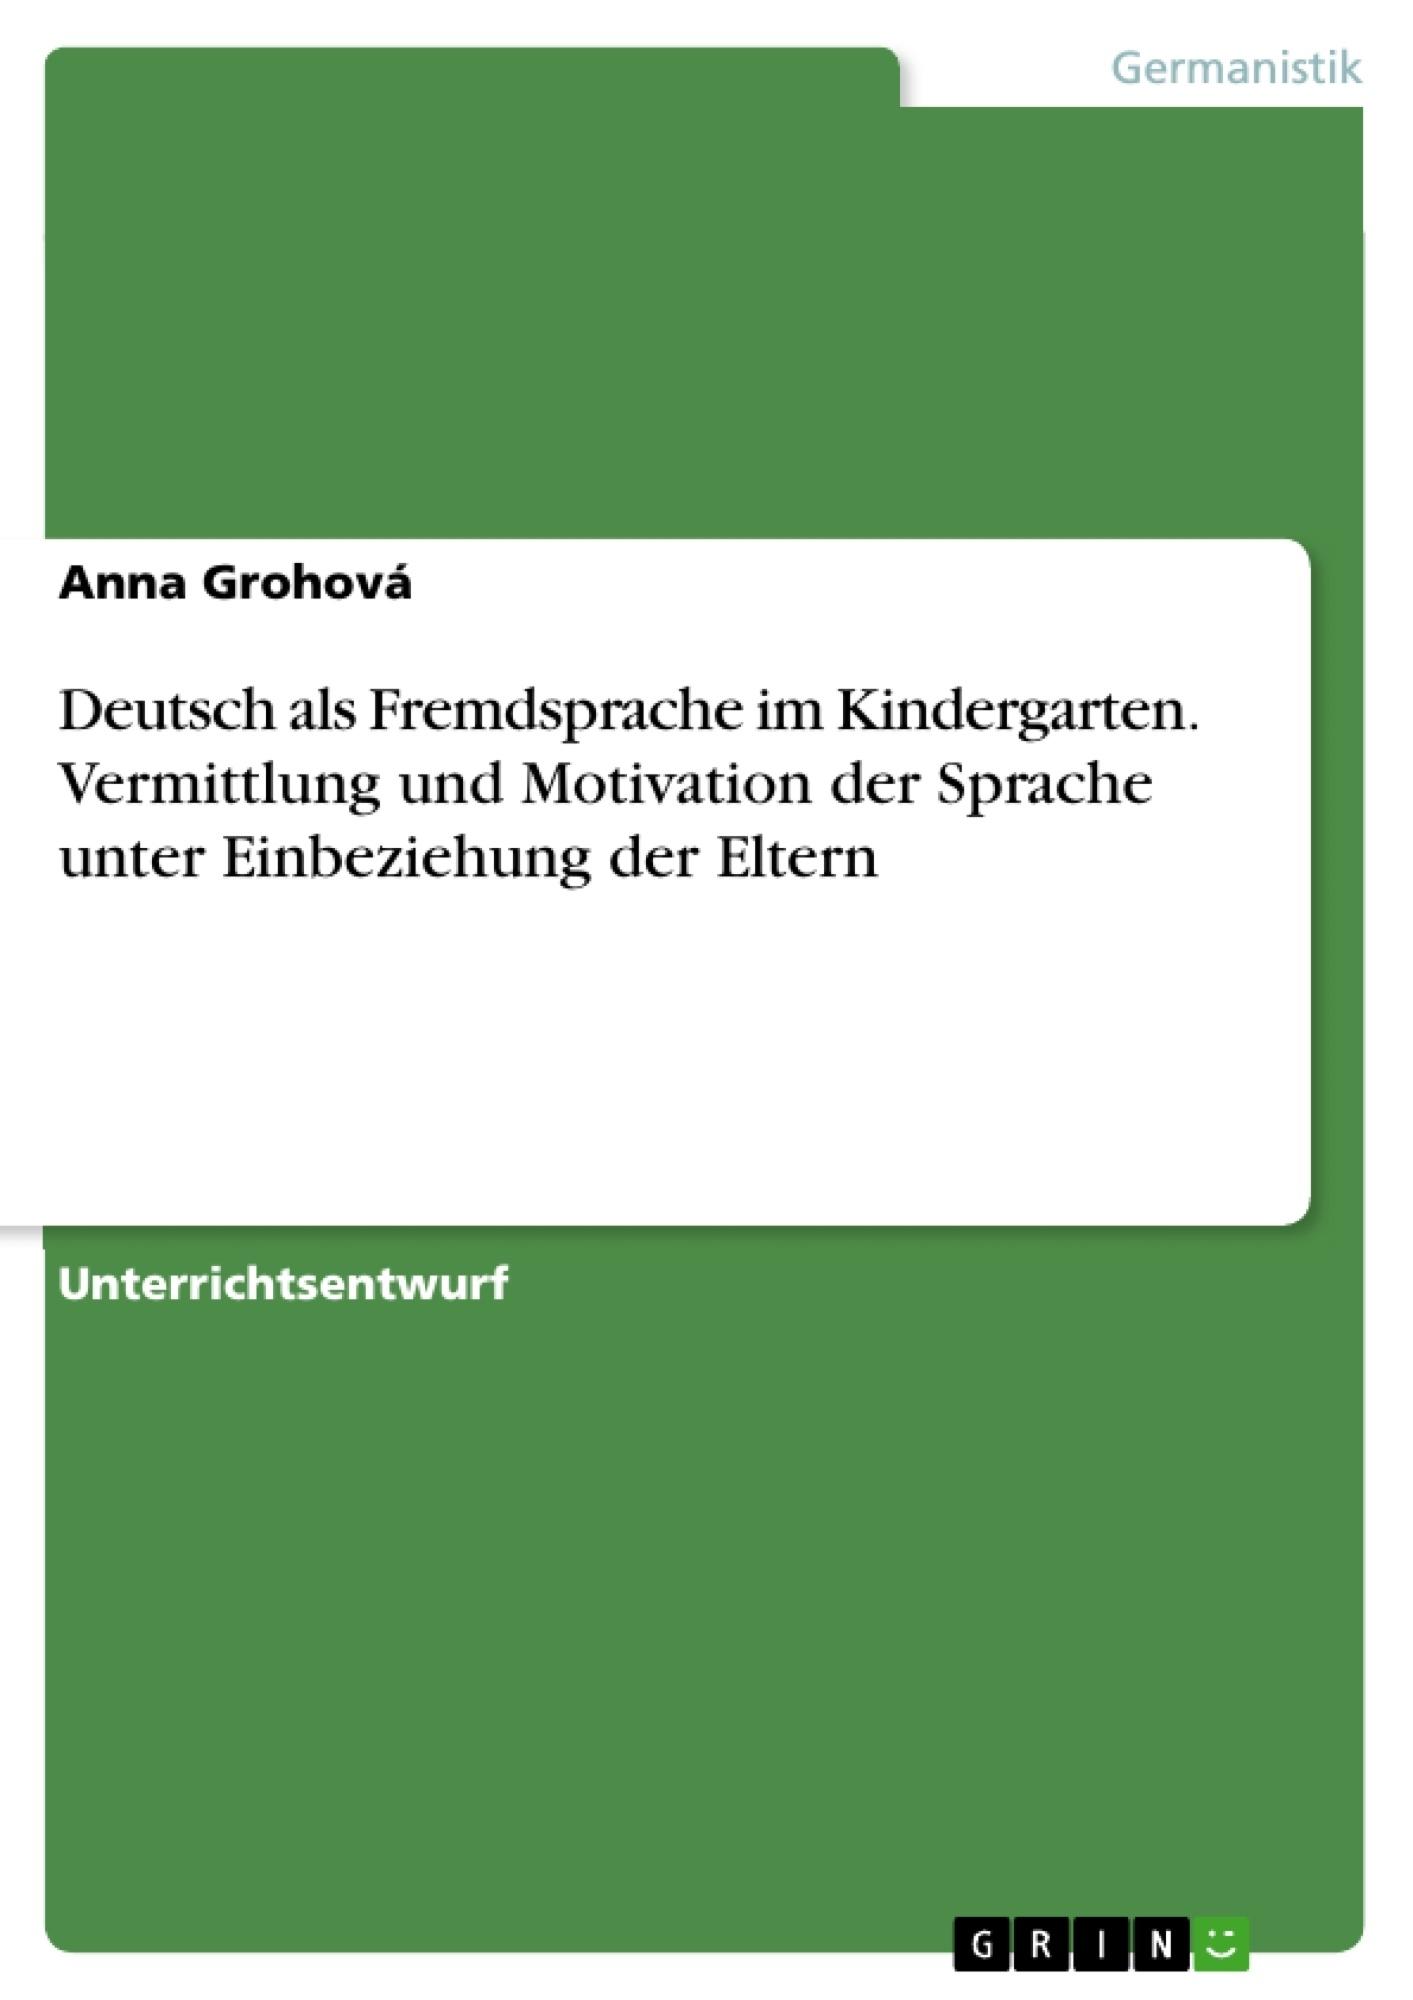 Titel: Deutsch als Fremdsprache im Kindergarten. Vermittlung und Motivation der Sprache unter Einbeziehung der Eltern